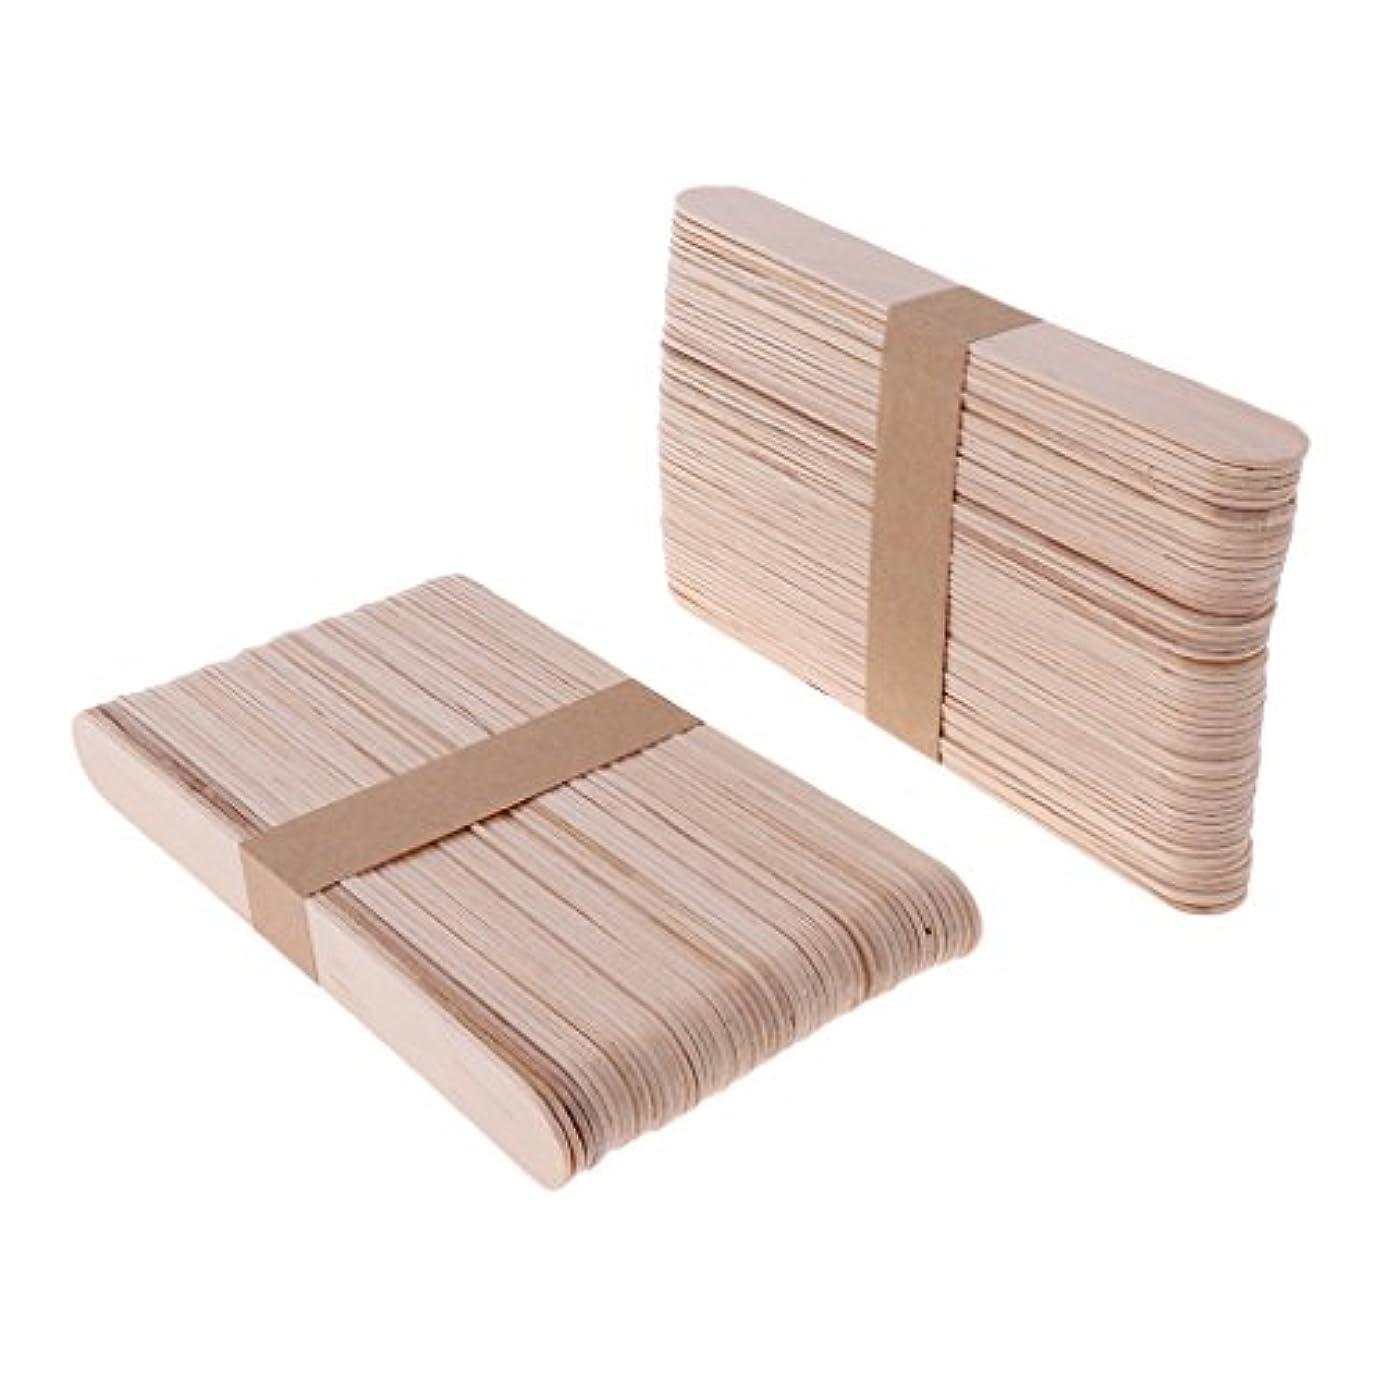 値する特徴利得木材スティック 脱毛 ワックス用 体毛除去 ウッド ワックススパチュラ 便利 200個 2サイズ - L